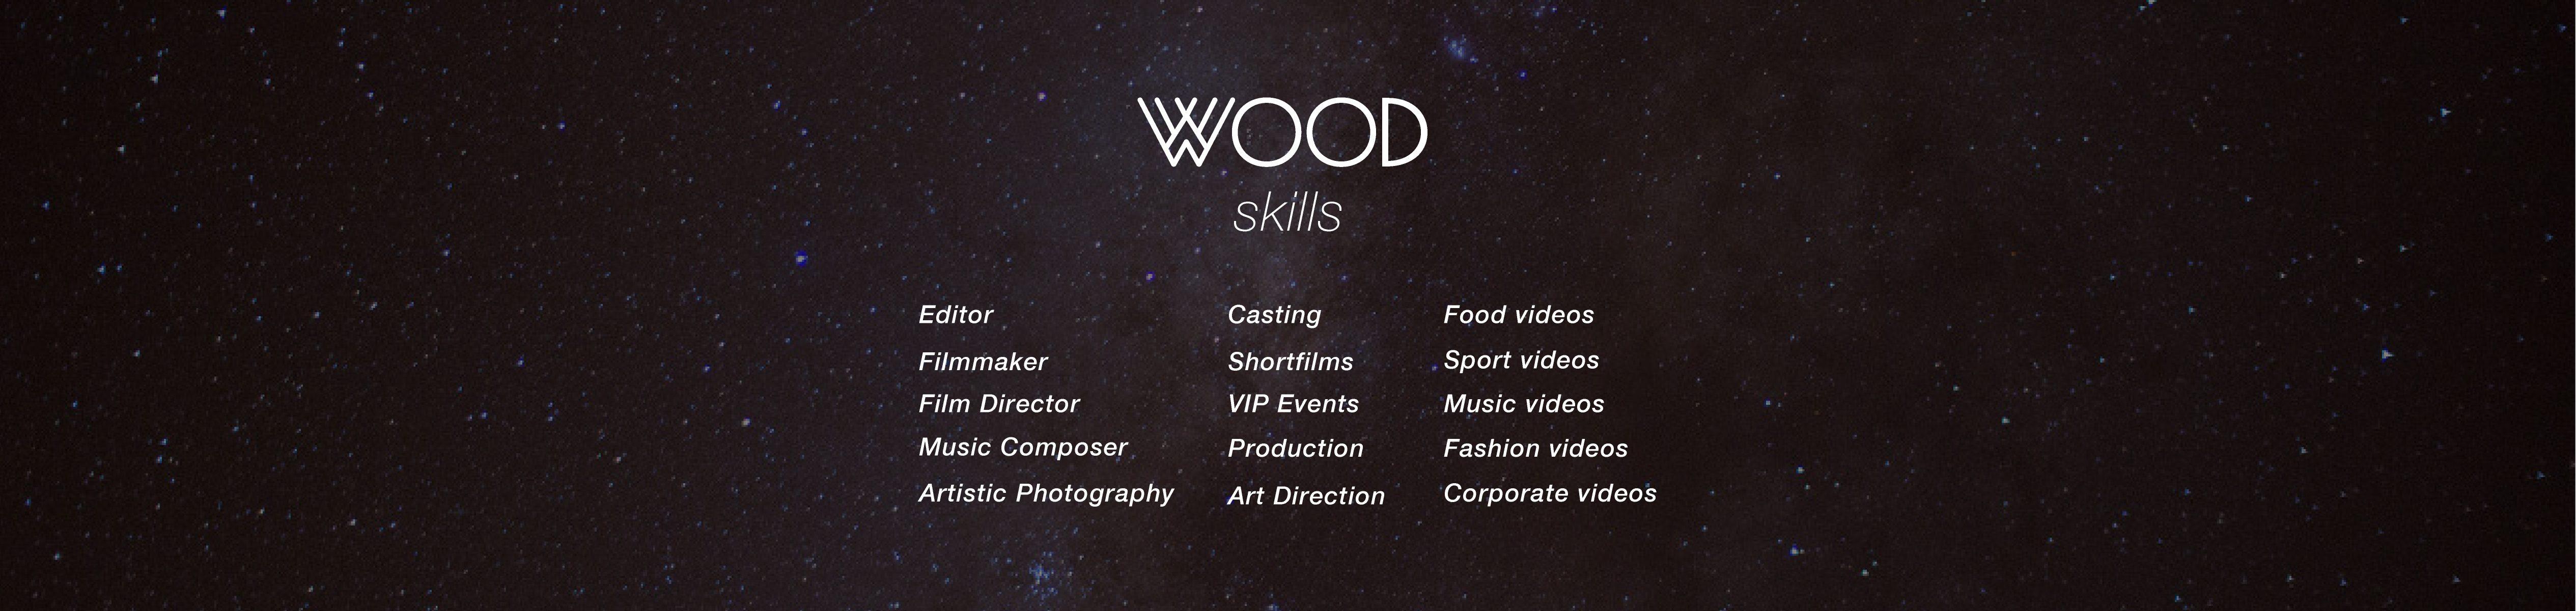 wood-skills5